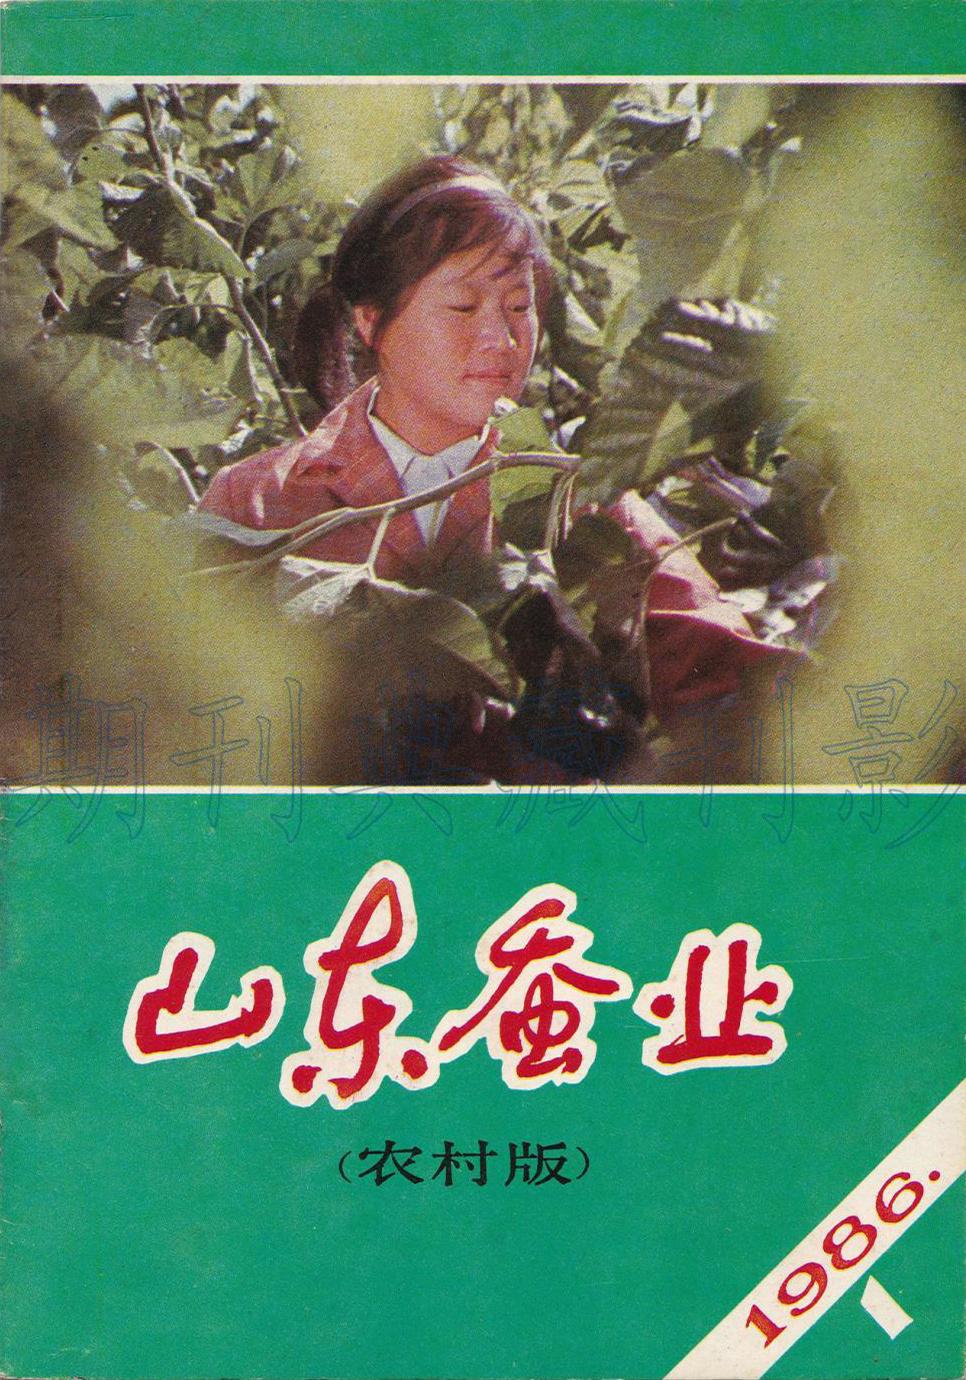 山东蚕业杂志